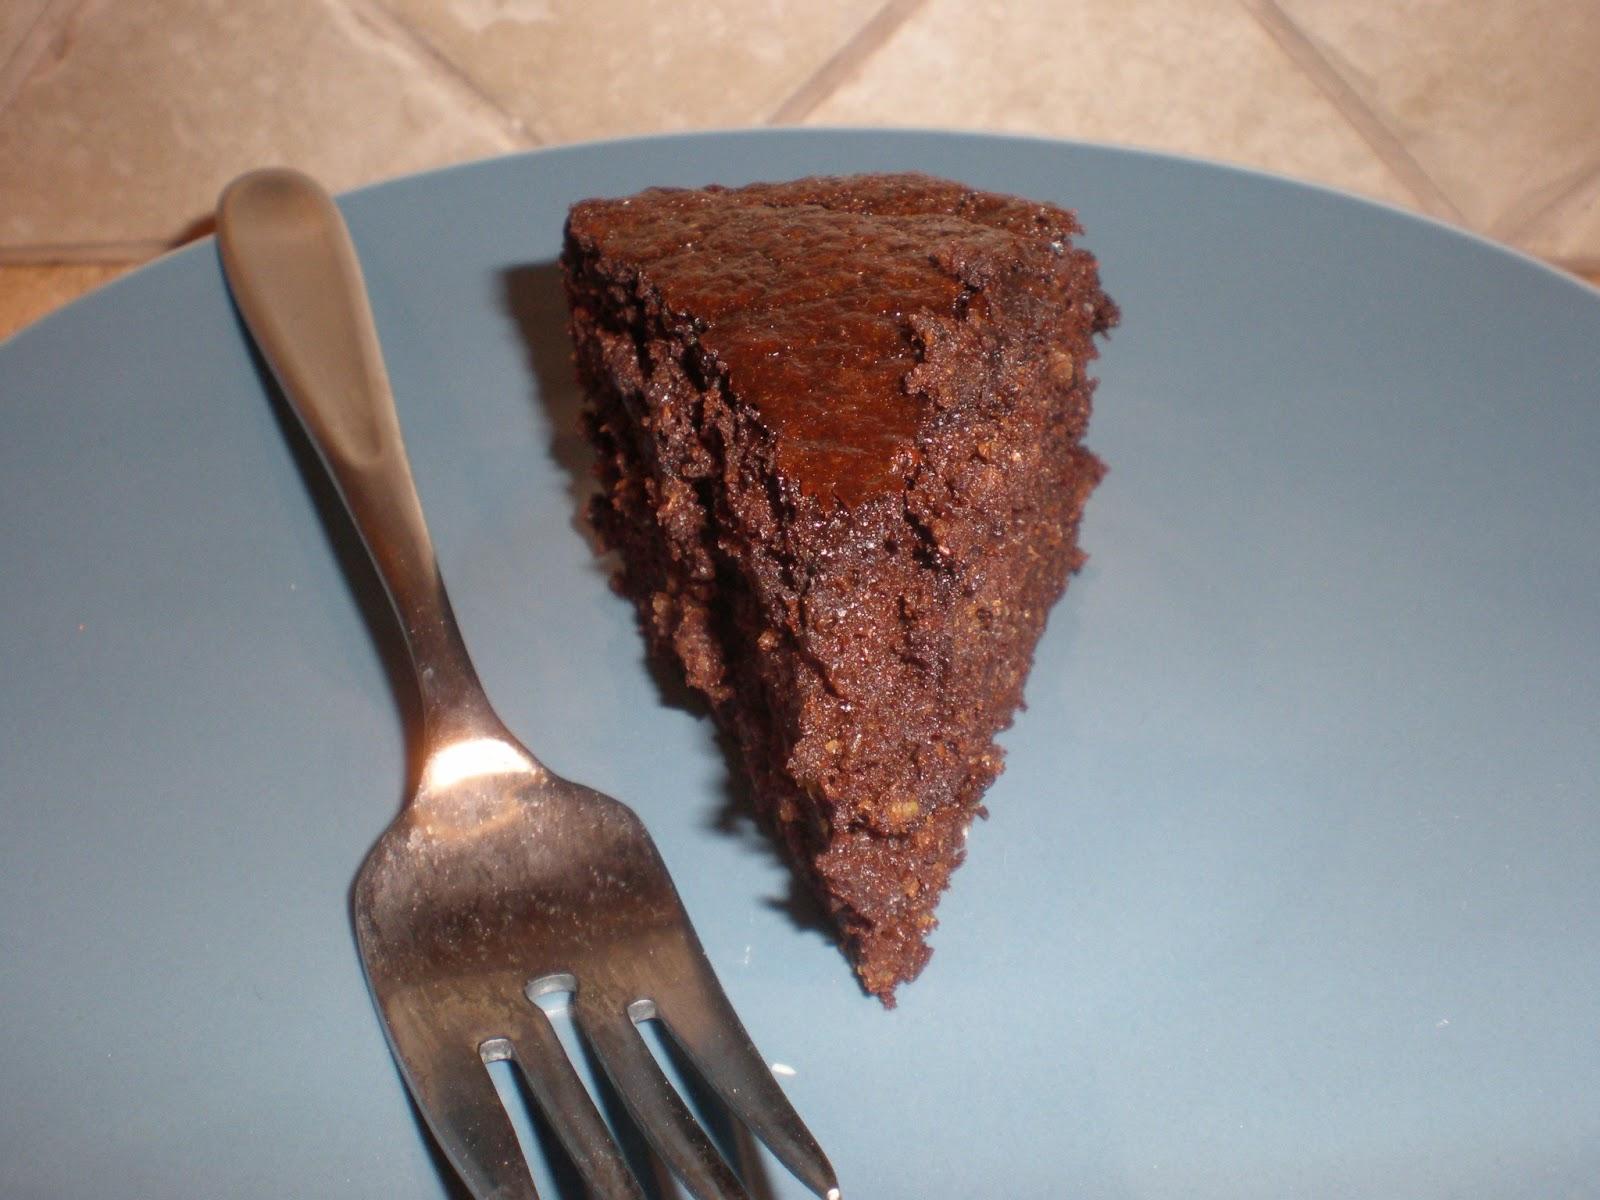 La cuisine de radisjoli recettes et propos culinaires - Gateau au chocolat sans farine ...